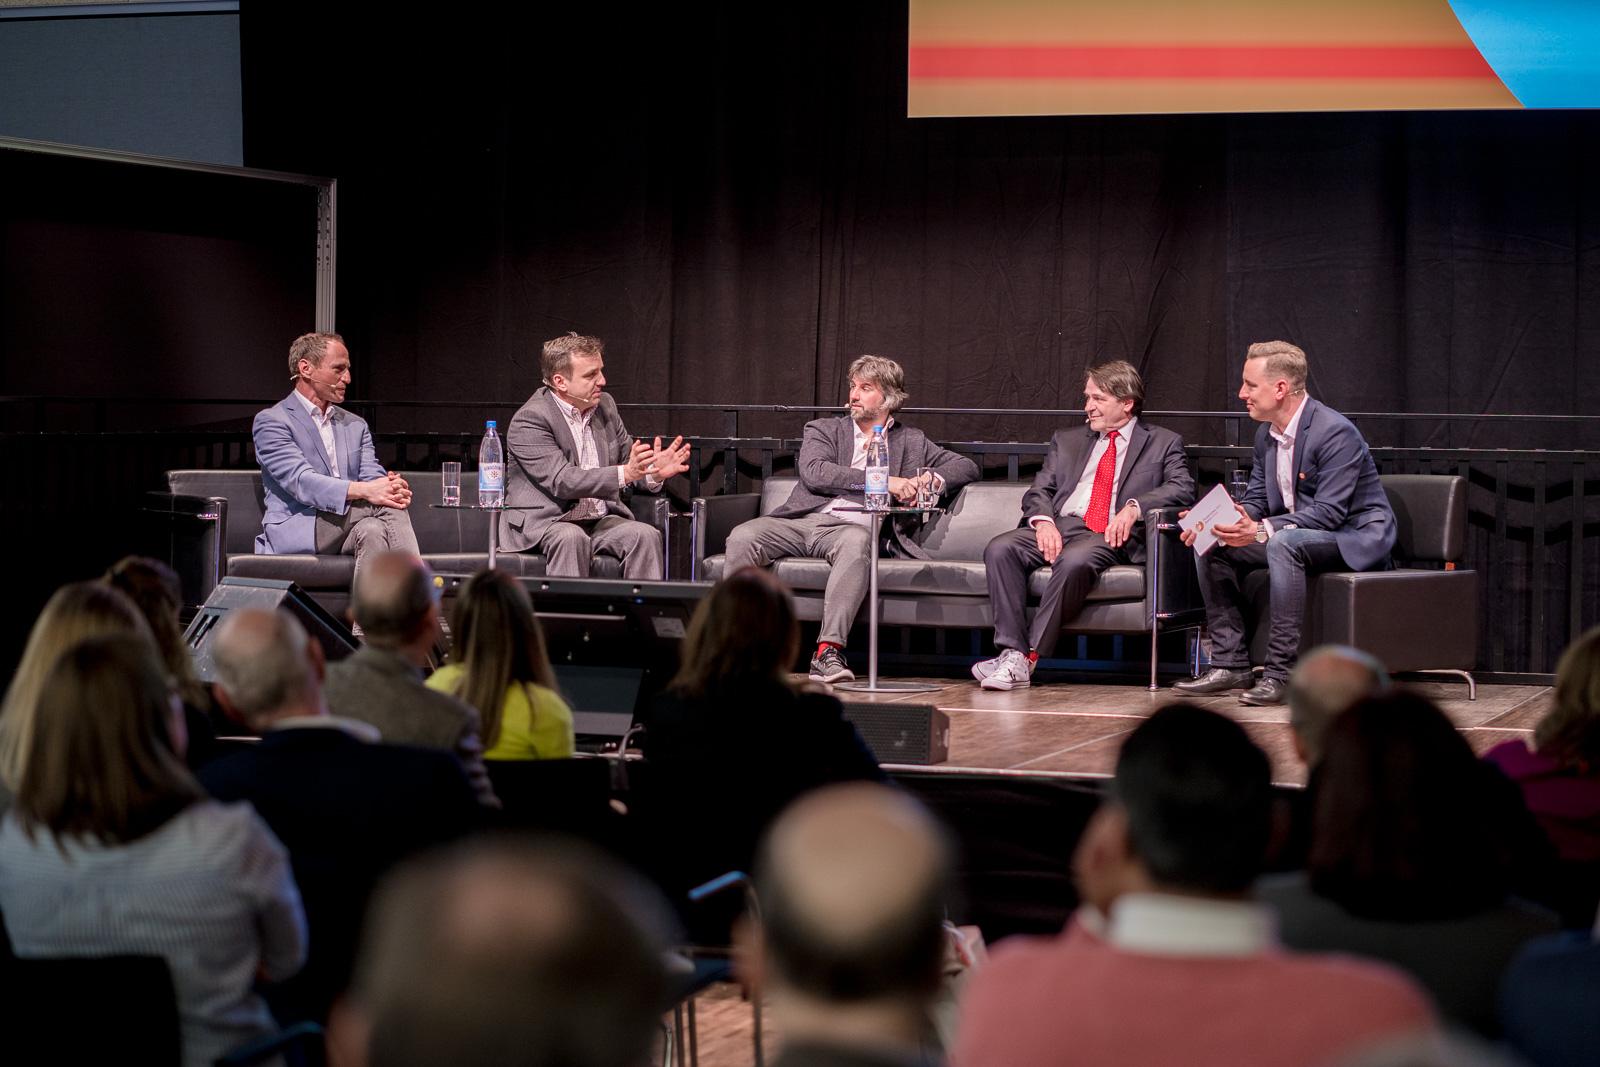 Reportagefotografie - Haptica - Bonn - Gesprächsrunde auf Bühne zum Thema Werbegeschenke